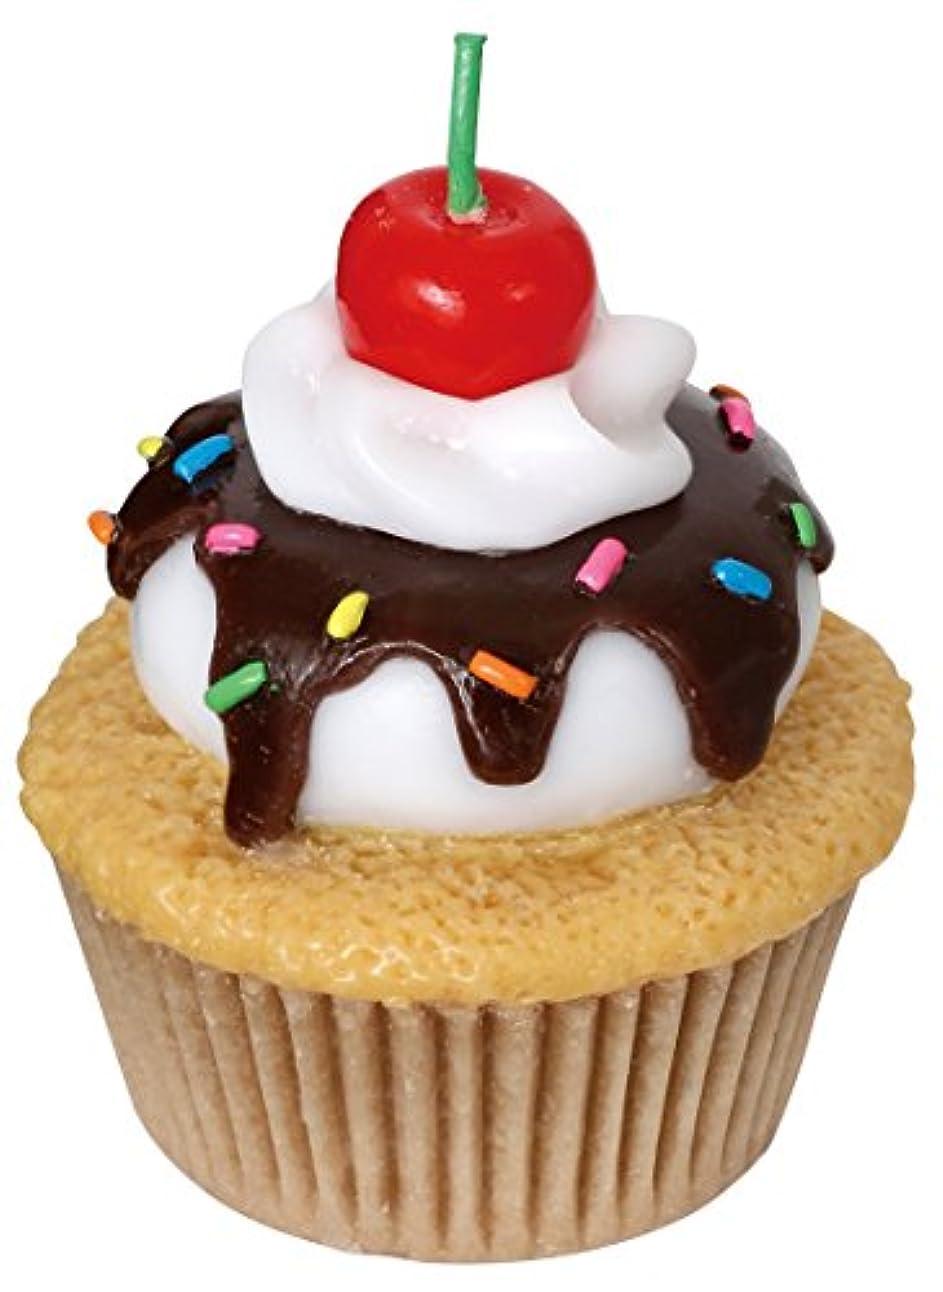 北キラウエア山男カメヤマキャンドルハウス アメリカンカップケーキキャンドル チェリーの香りつき